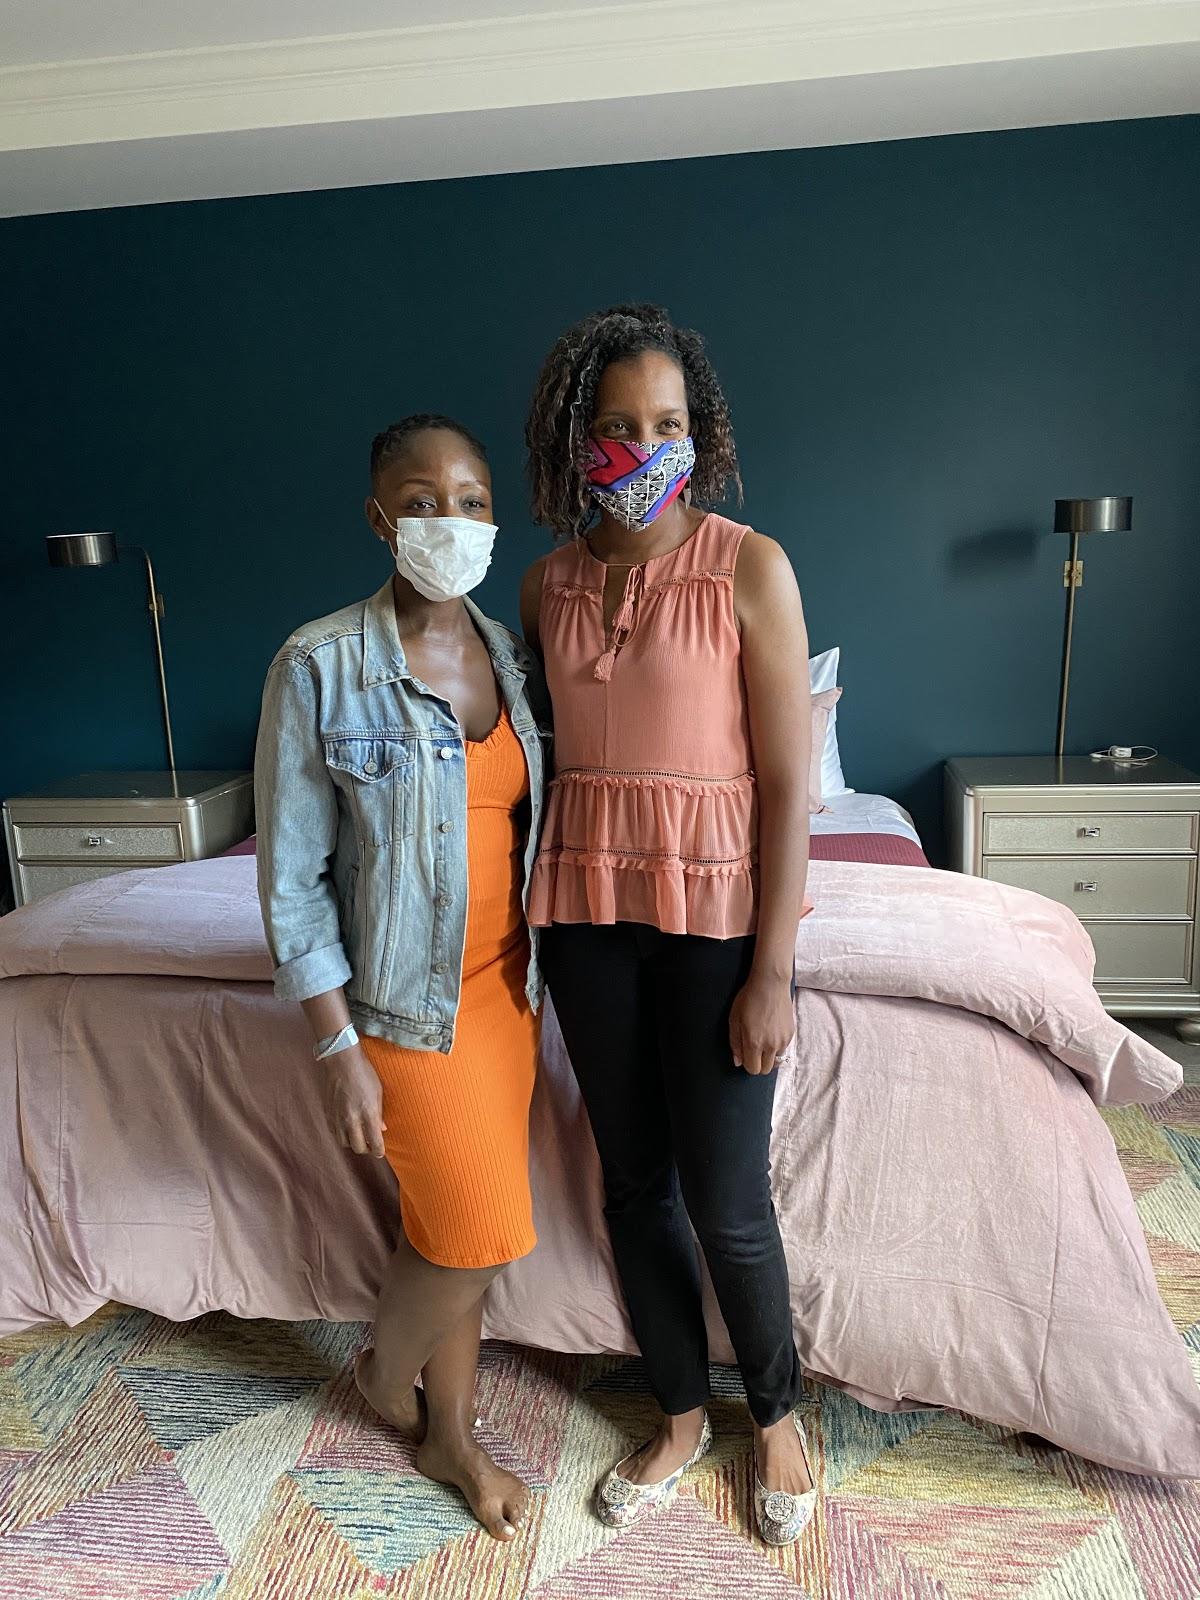 kelly finley design giveaway joy street initiative nurse frontline worker